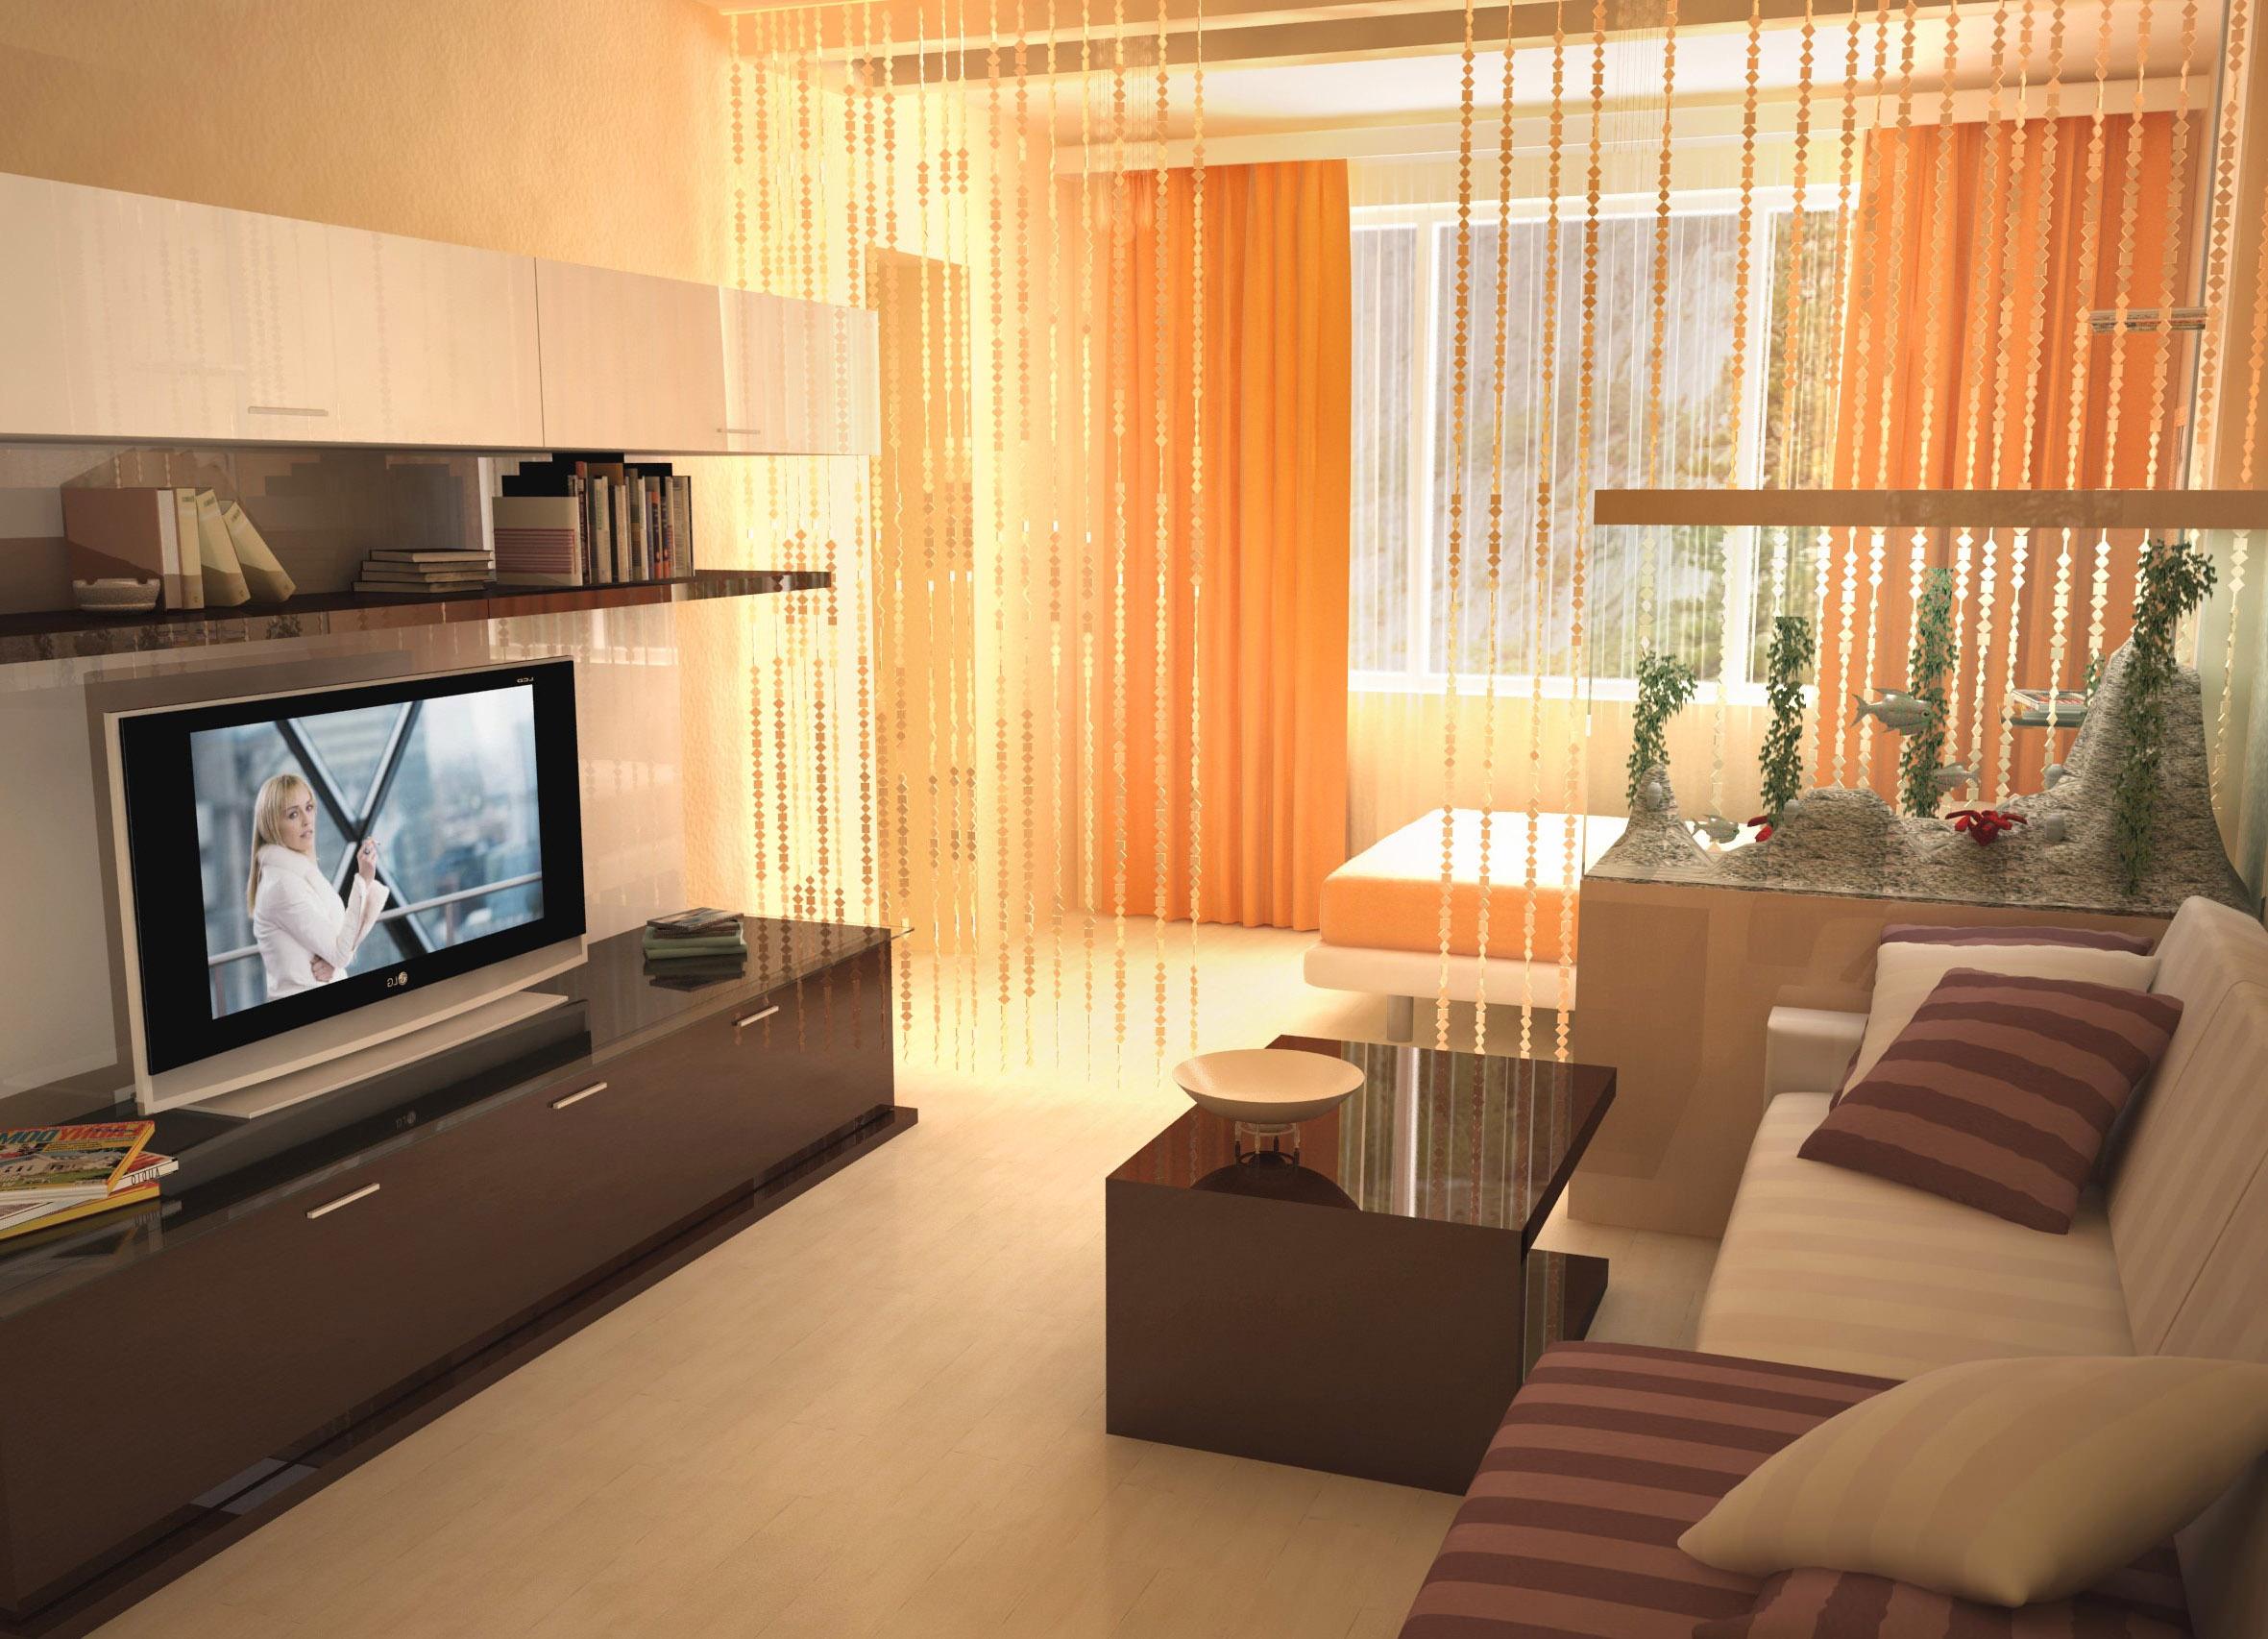 Дизайн 1-комнатной квартиры: советы, фотографии и многое дру.